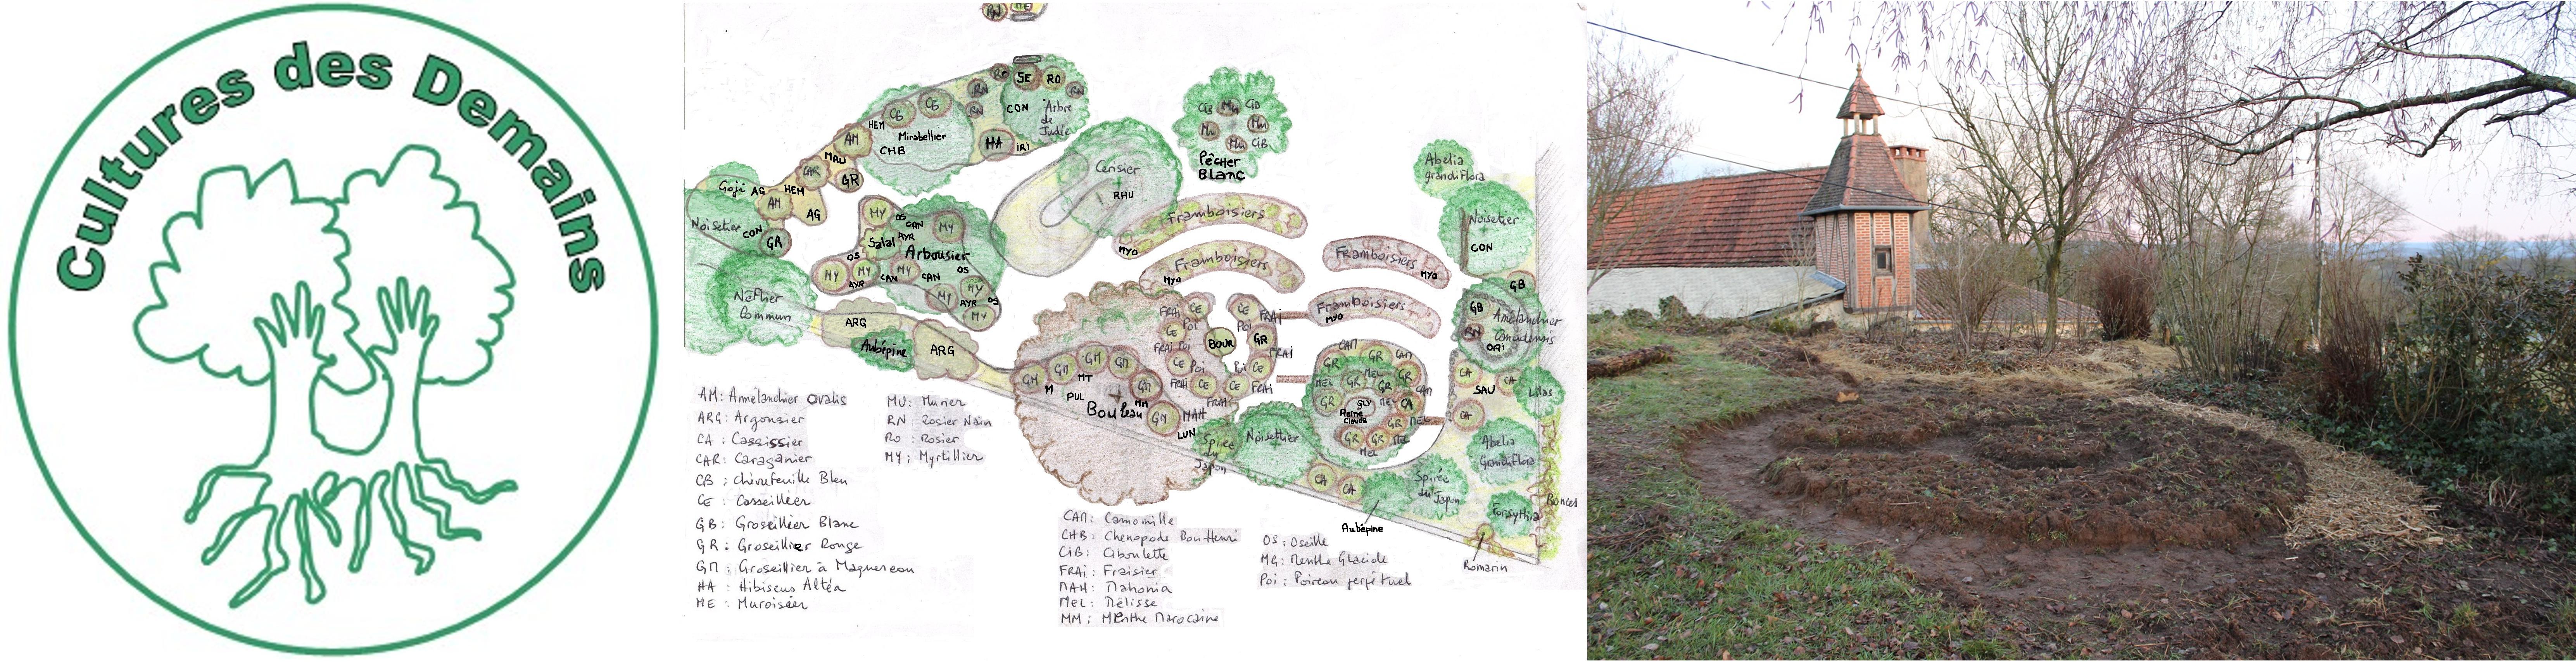 Formation Forêt-jardin dans le Lot @ à la micro-ferme Lou Baptistou